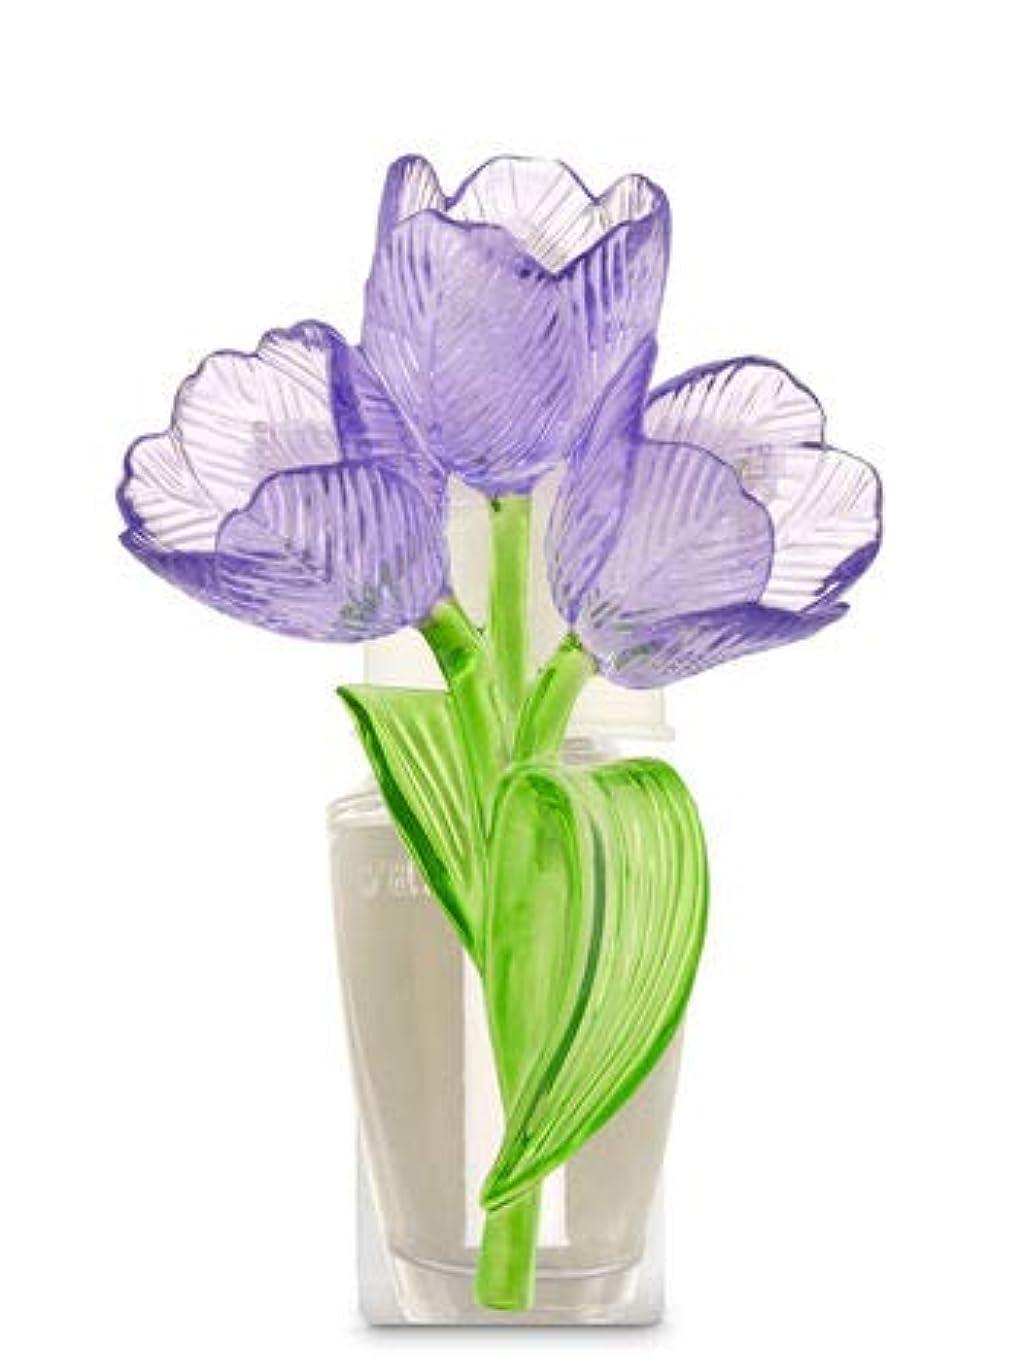 合併症歴史家反逆者【Bath&Body Works/バス&ボディワークス】 ルームフレグランス プラグインスターター (本体のみ) チューリップ ナイトライト Wallflowers Fragrance Plug Tulips Night...